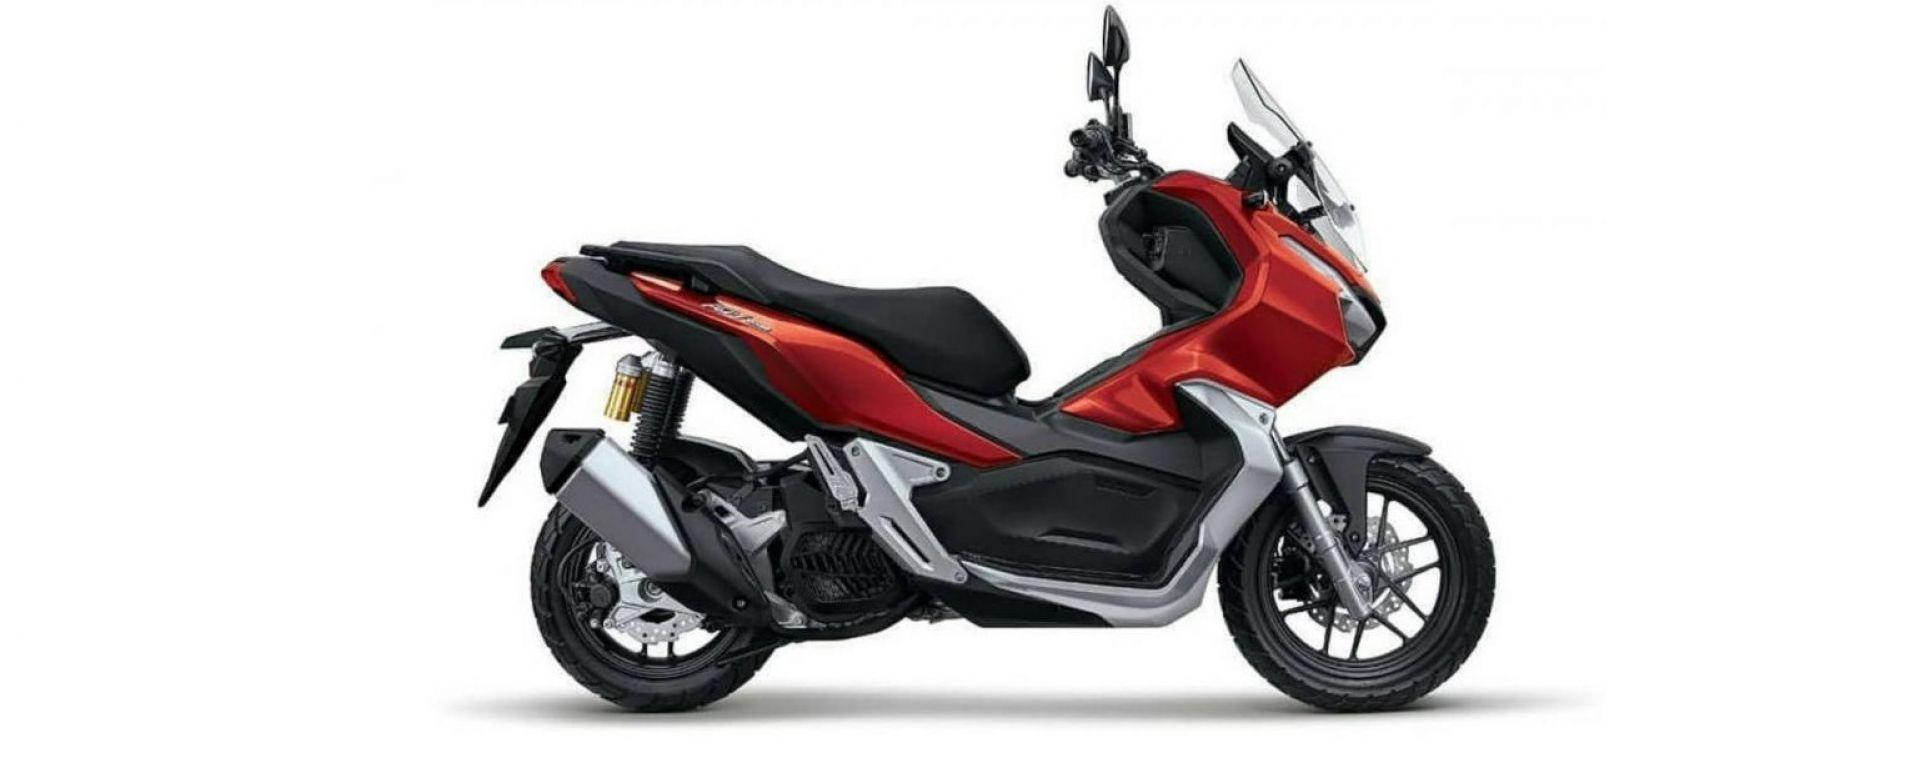 Honda ADV 150 2019: il nuovo scooter Honda